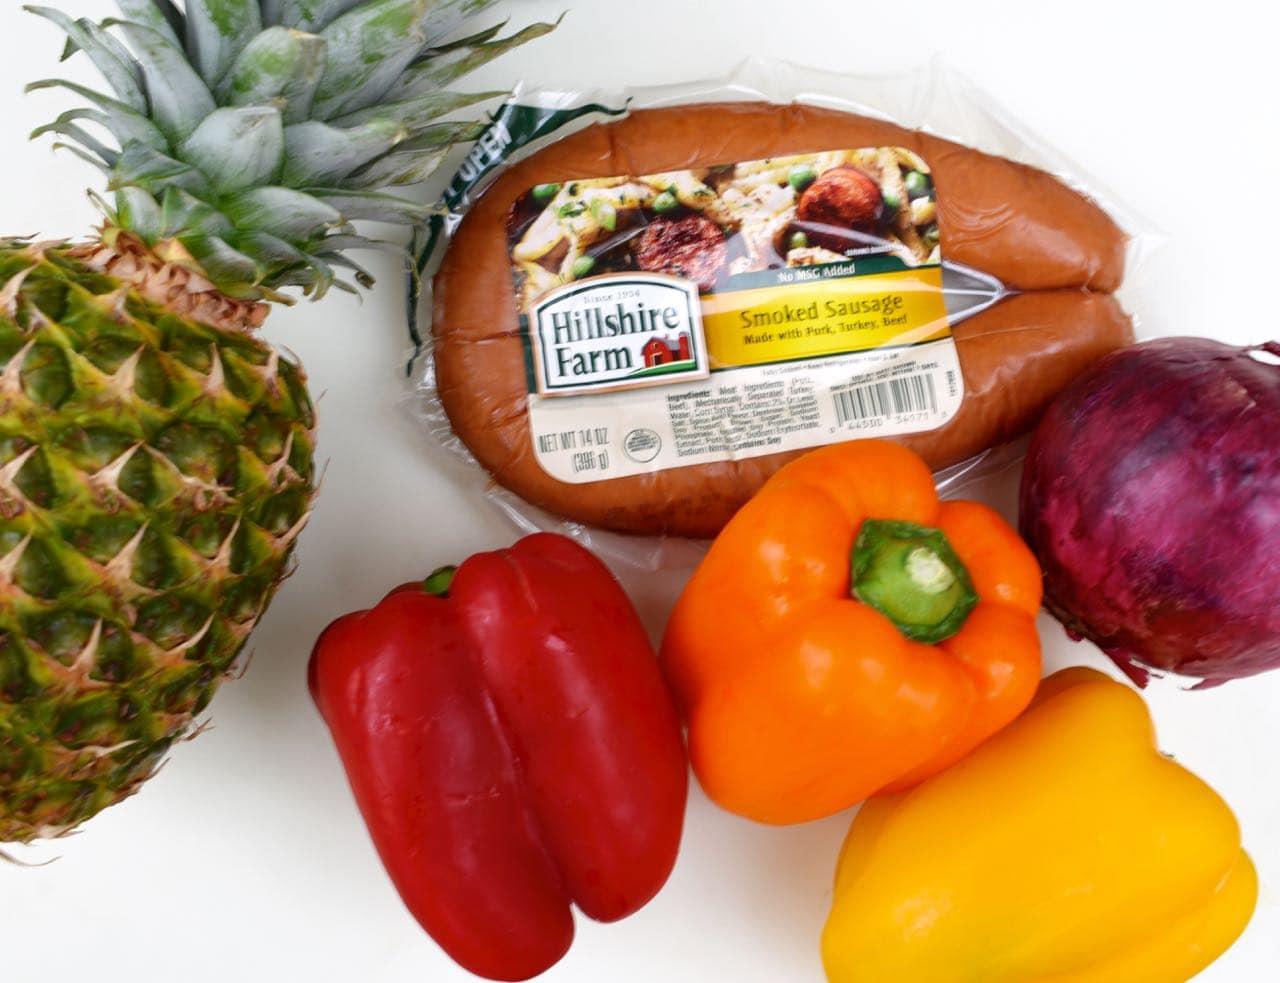 Sausage kabobs recipe ingredients